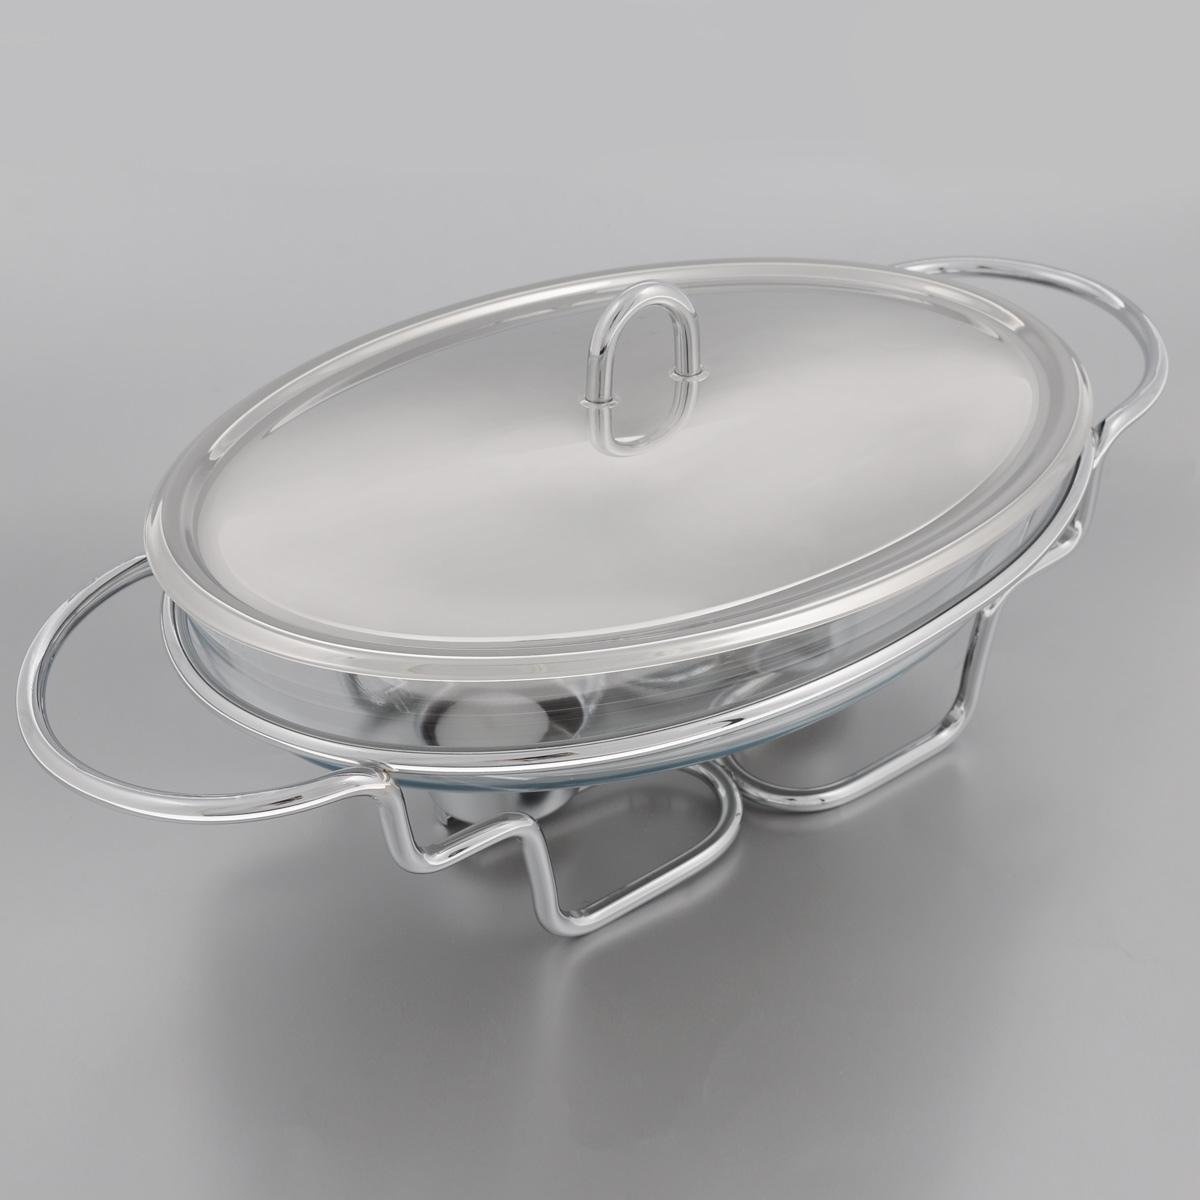 Мармит Mayer & Boch, с подогревом, 2 л20883Мармит Mayer & Boch, изготовленный из стекла и нержавеющей стали, позволит вам довольно длительное время сохранять температуру блюда и создаст романтическую обстановку. Мармит предназначен для приготовления блюд в духовке и микроволновой печи. Благодаря красивому дизайну мармит можно сразу подавать на стол, не перекладывая блюдо на сервировочные тарелки. Его действие основано на принципе водяной бани. Под емкостью установлено 2 свечи (входят в комплект), которые, в свою очередь, нагревают продукты. Таким образом, данное кухонное приспособление - превосходный способ не дать блюду остыть. При этом пища не пригорает, не пересыхает, сохраняет все свои питательные и вкусовые качества. Стеклянное блюдо можно использовать в микроволновой печи и духовке. Можно мыть в посудомоечной машине и ставить в холодильник. Размер блюда (по верхнему краю): 30 х 21 см. Ширина мармита (с учетом ручек): 42 см. Высота мармита: 11...